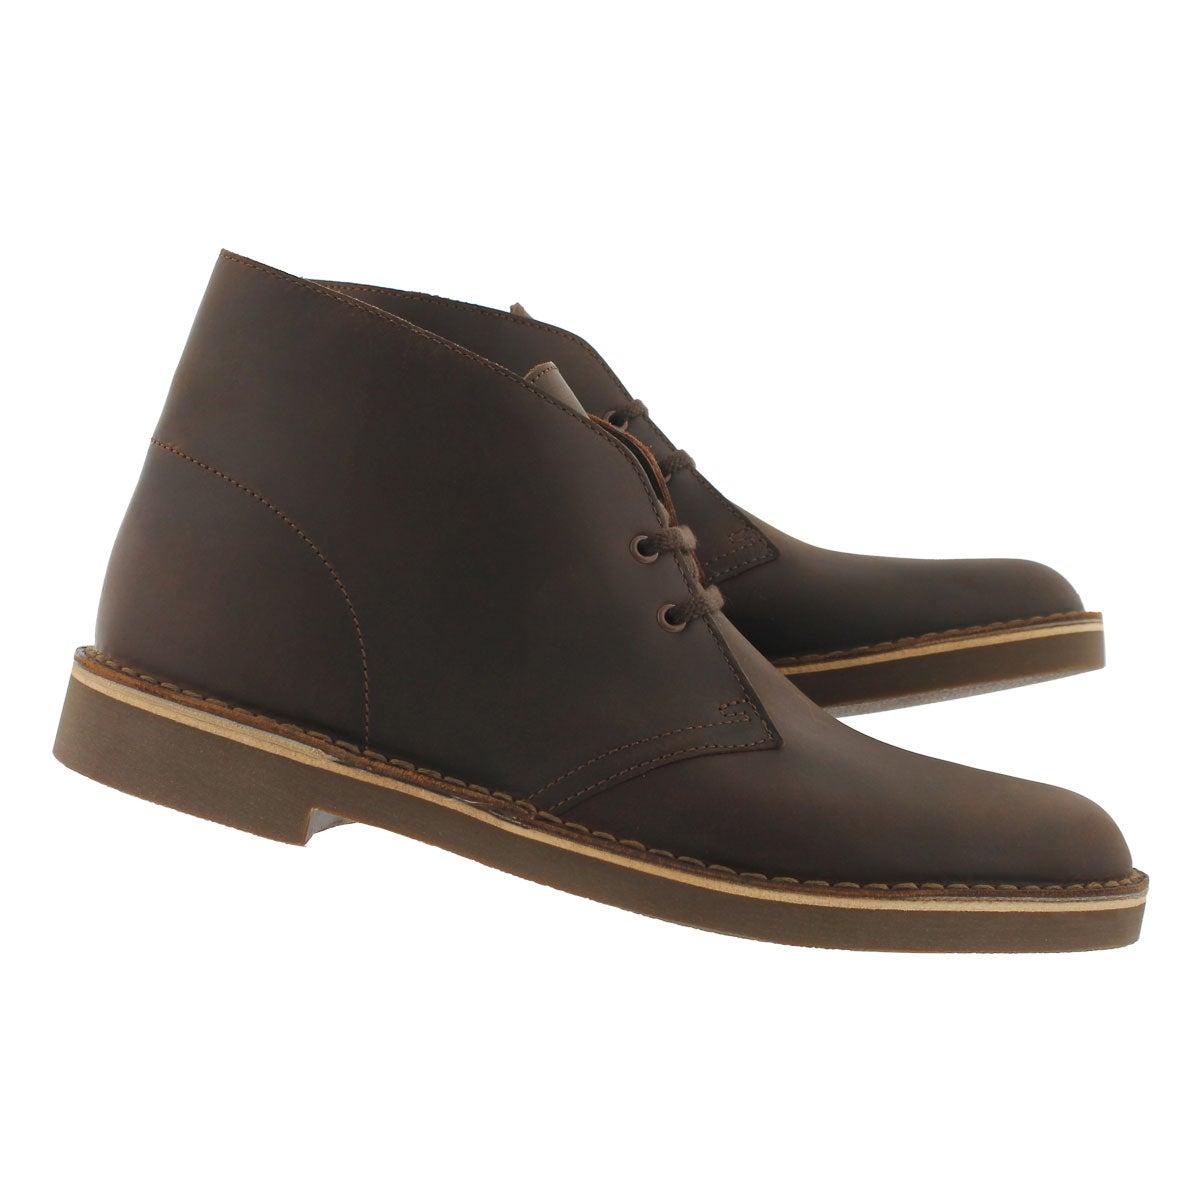 Mns Bushacre 2 dk brn lthr desert boot